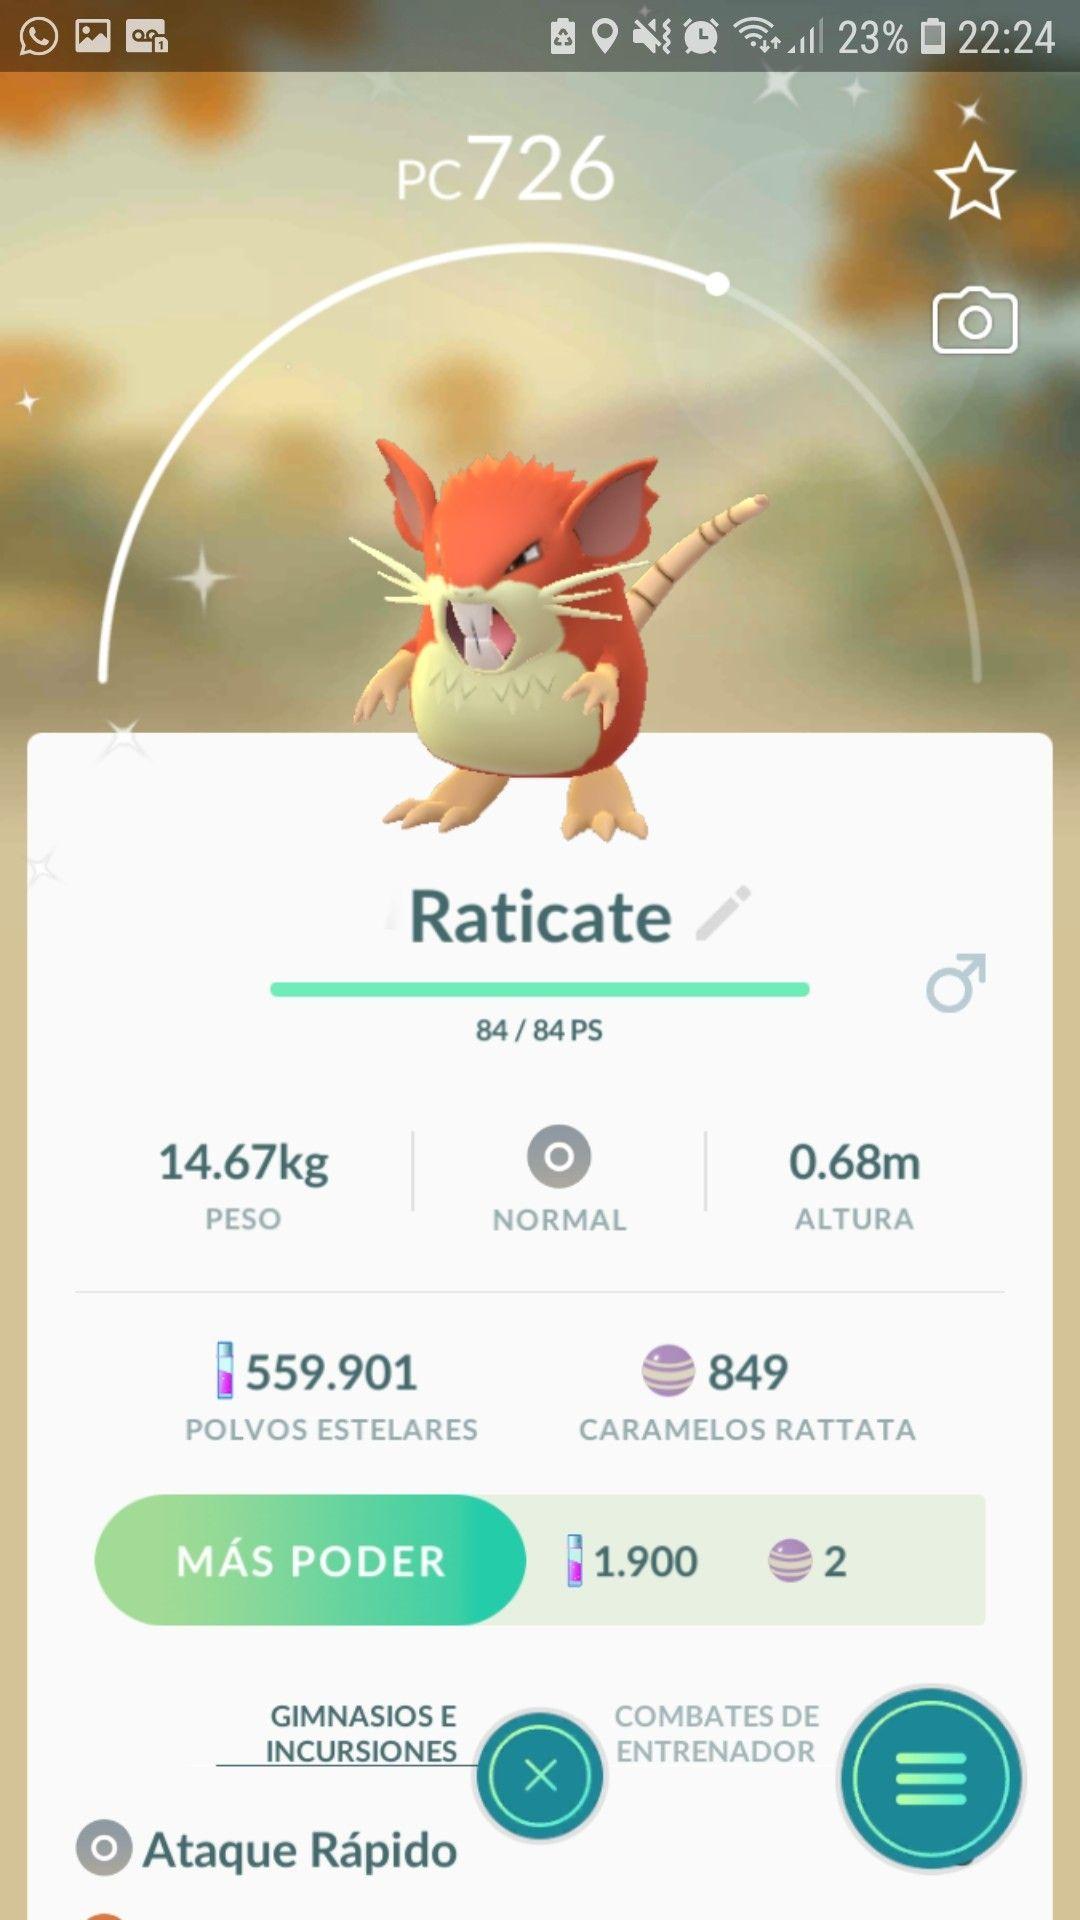 Raticate Shiny Pokemon Go   Pokemon go, Pokemon, Shiny pokemon